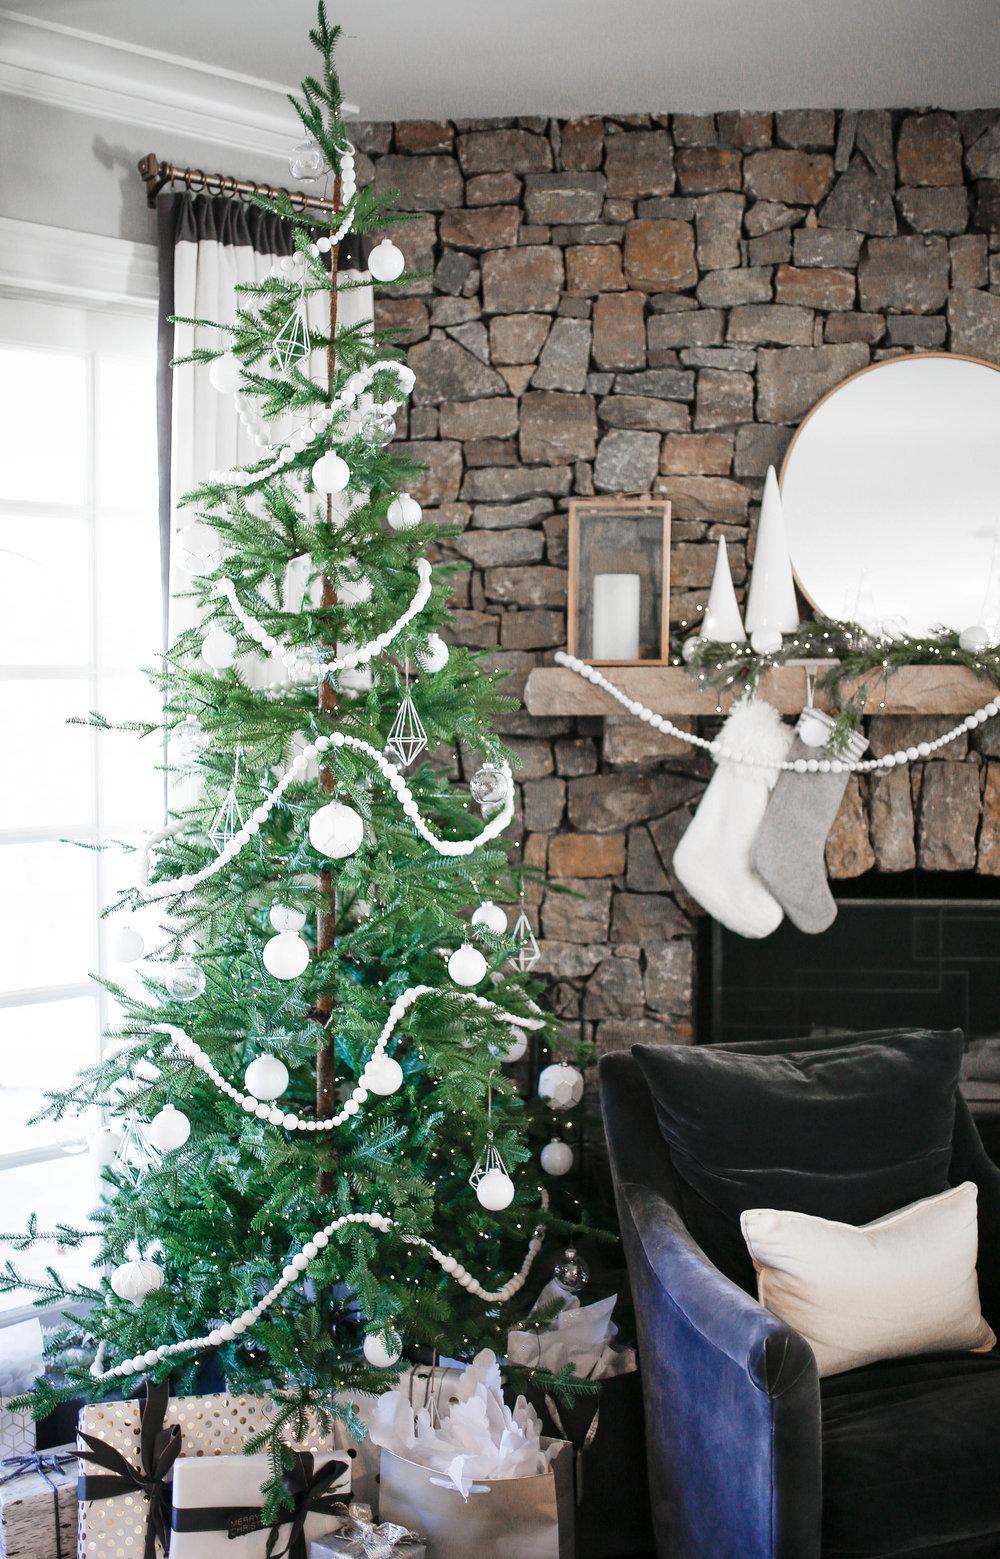 Kitchen Christmas Tree side angle.jpg